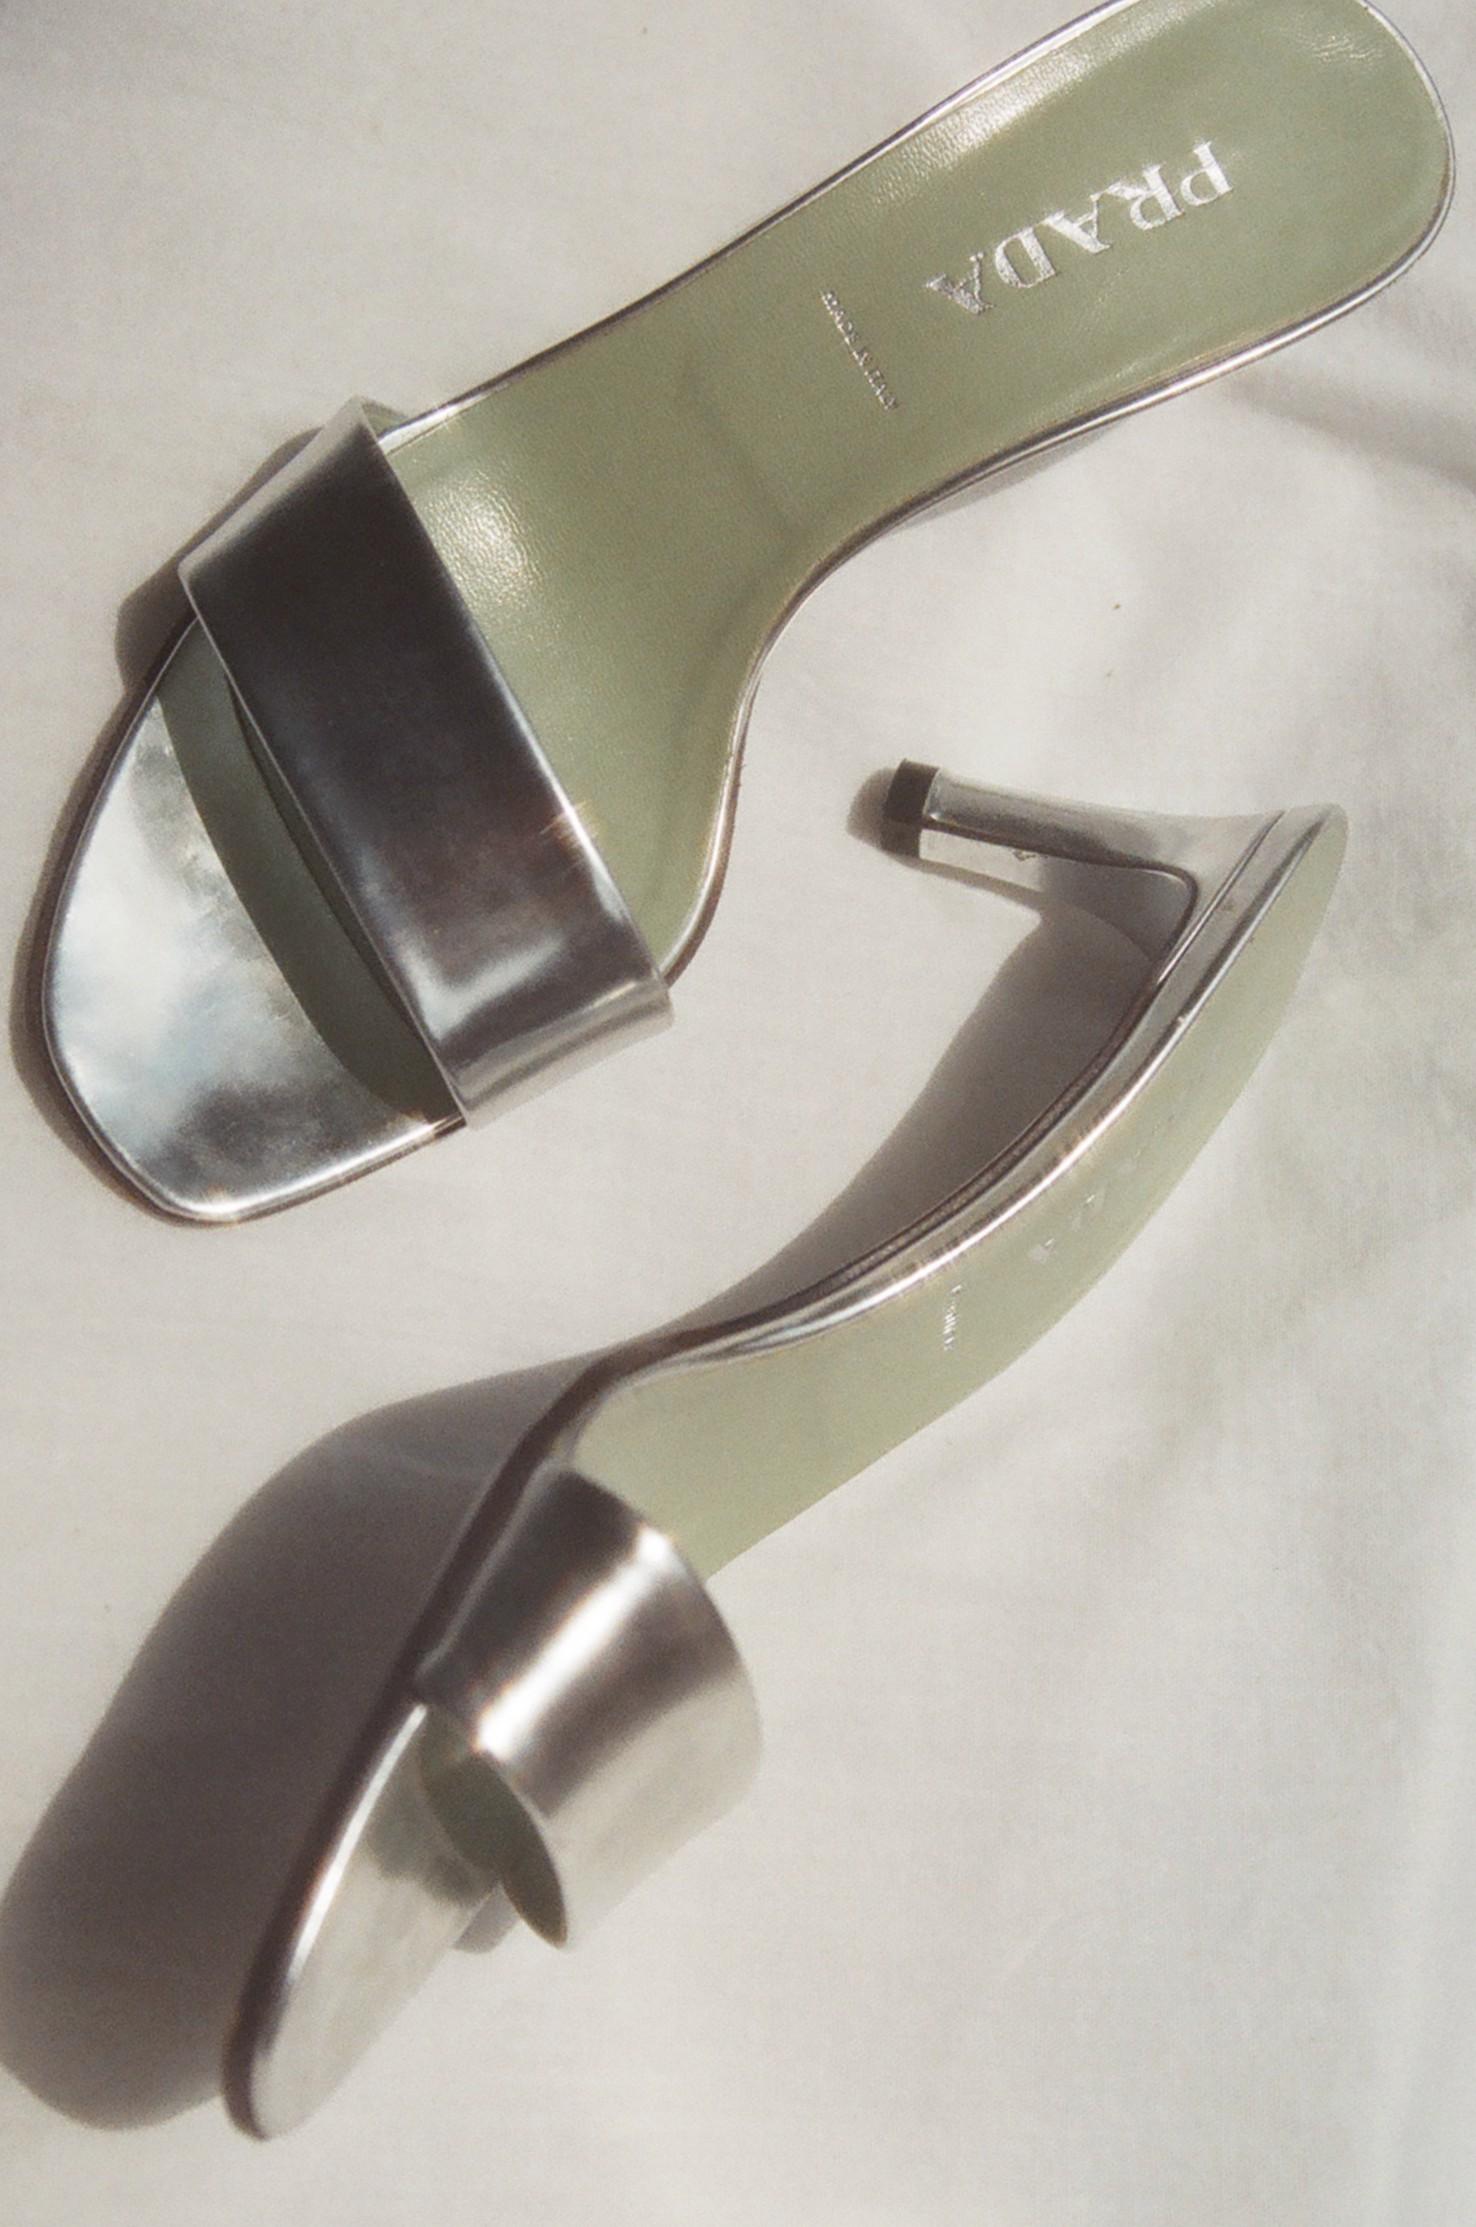 prada silver heels 4.jpg